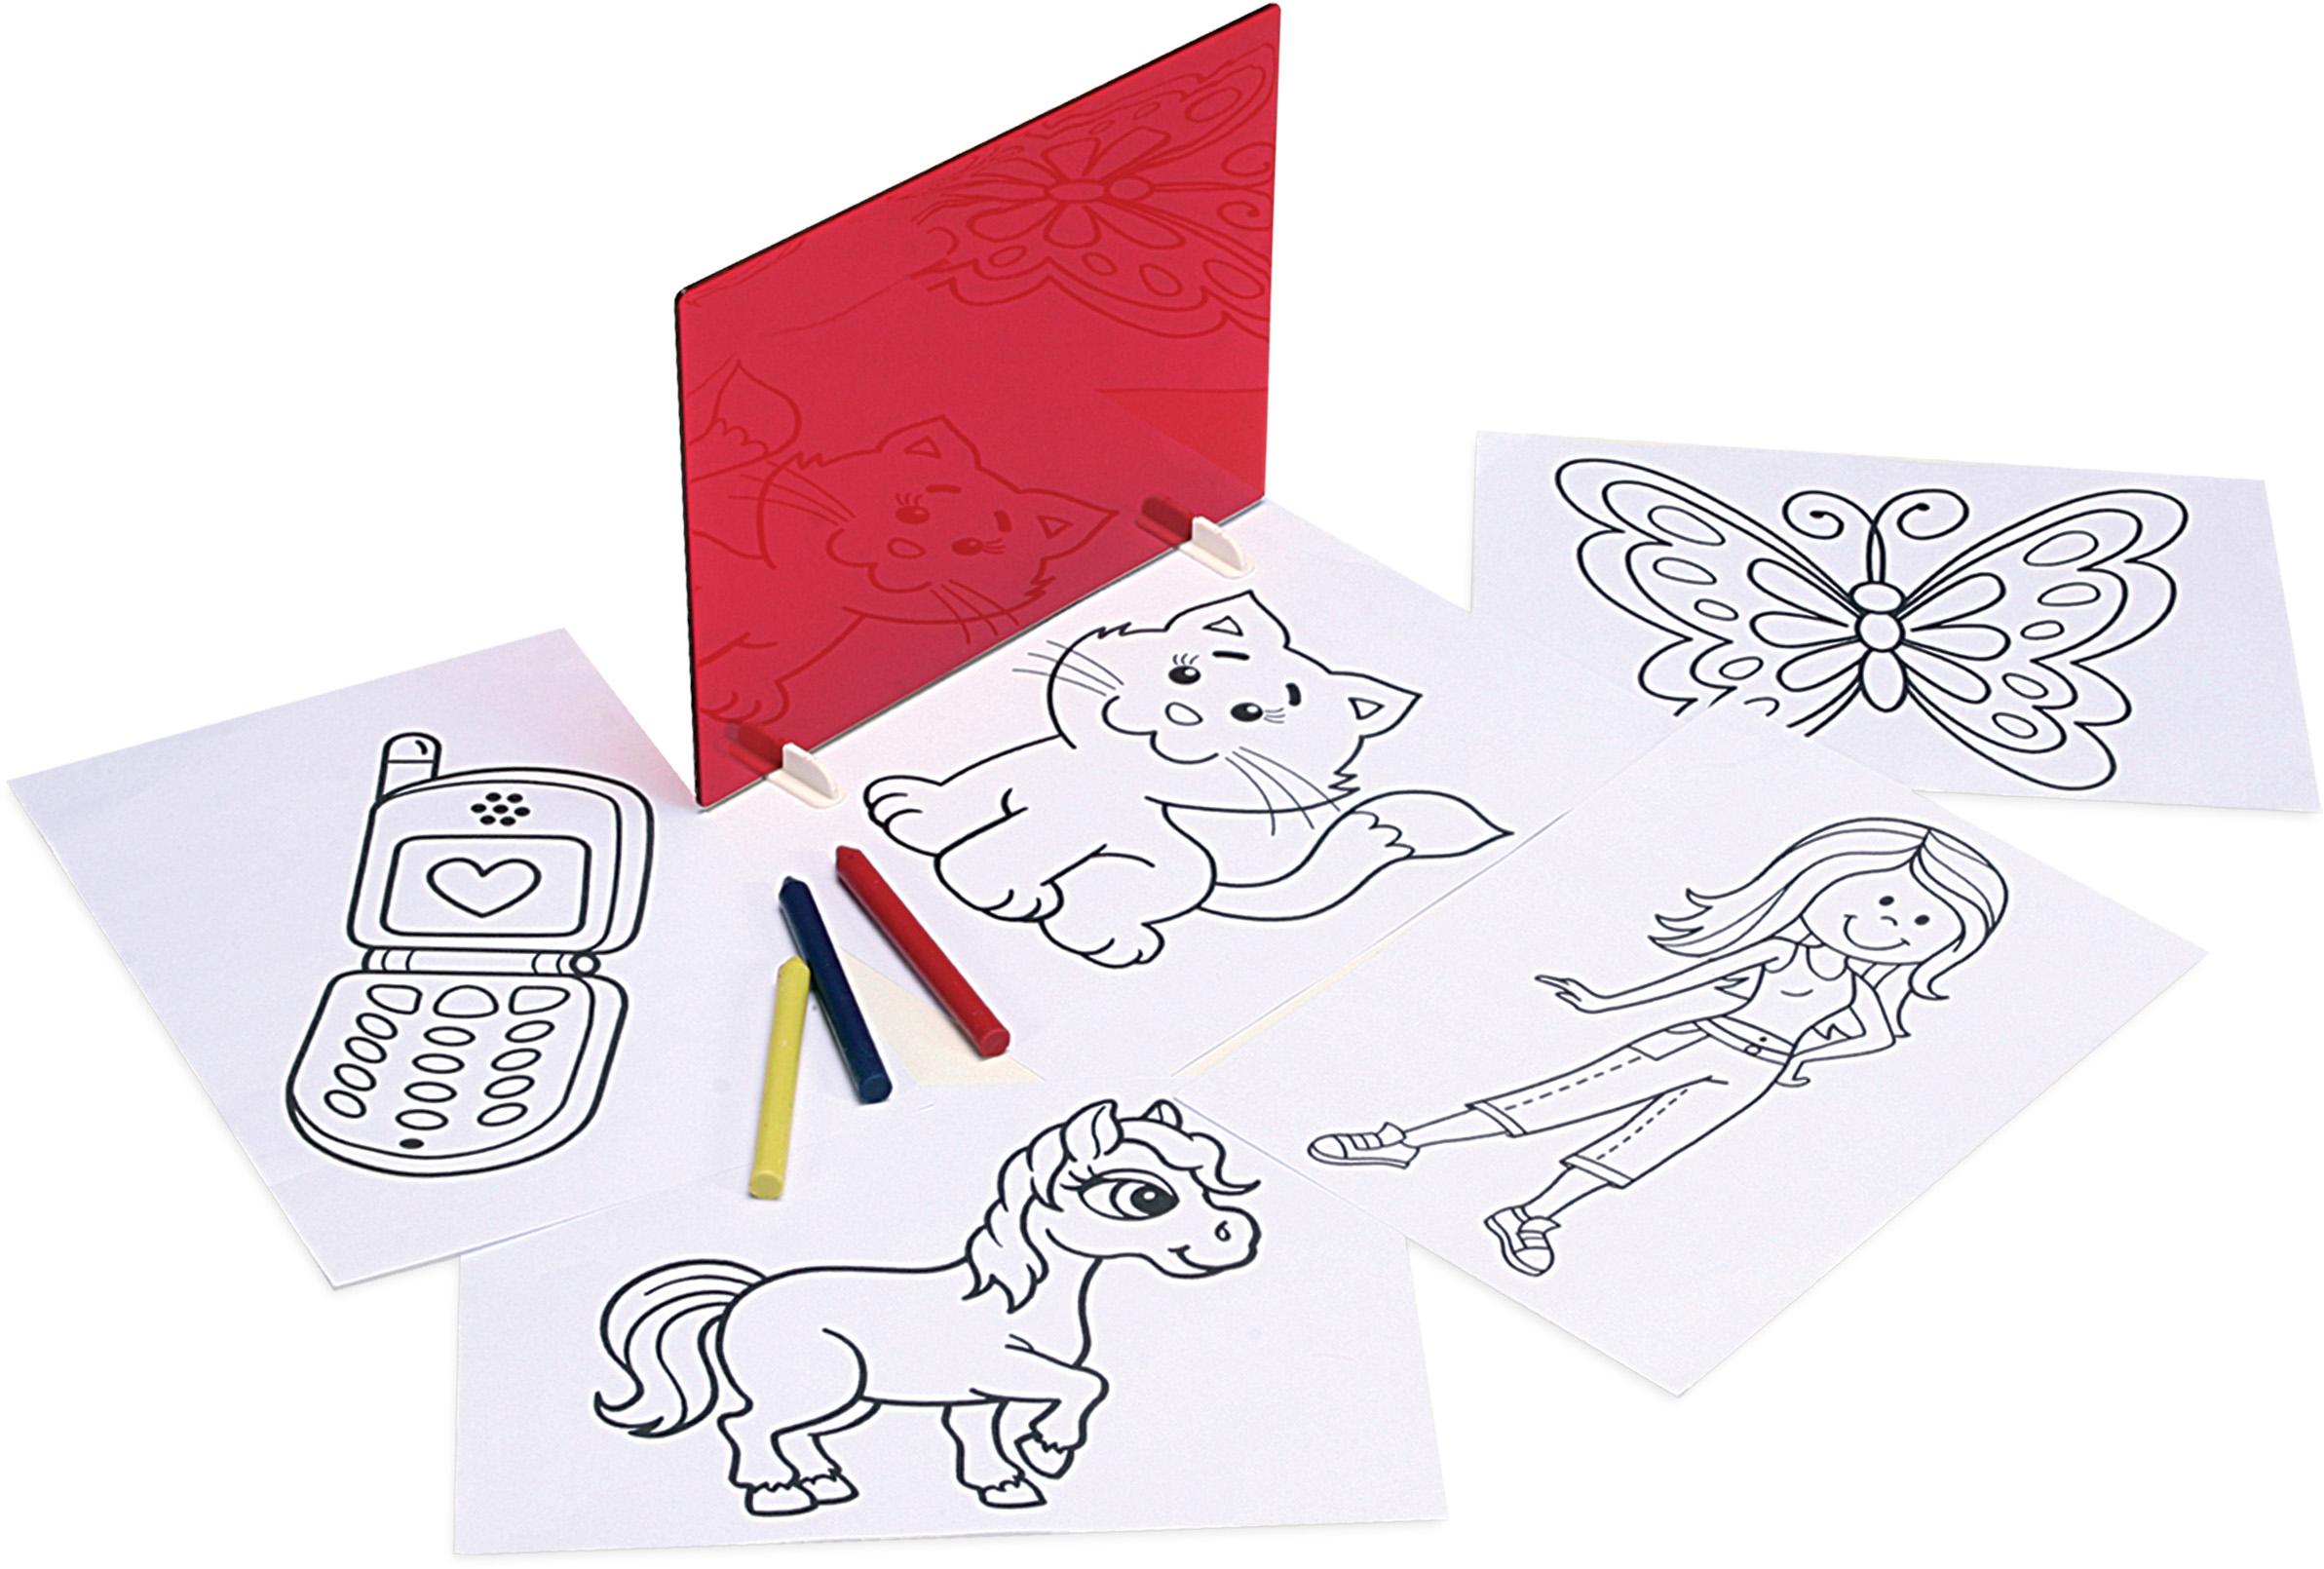 Desenho mágico for girls